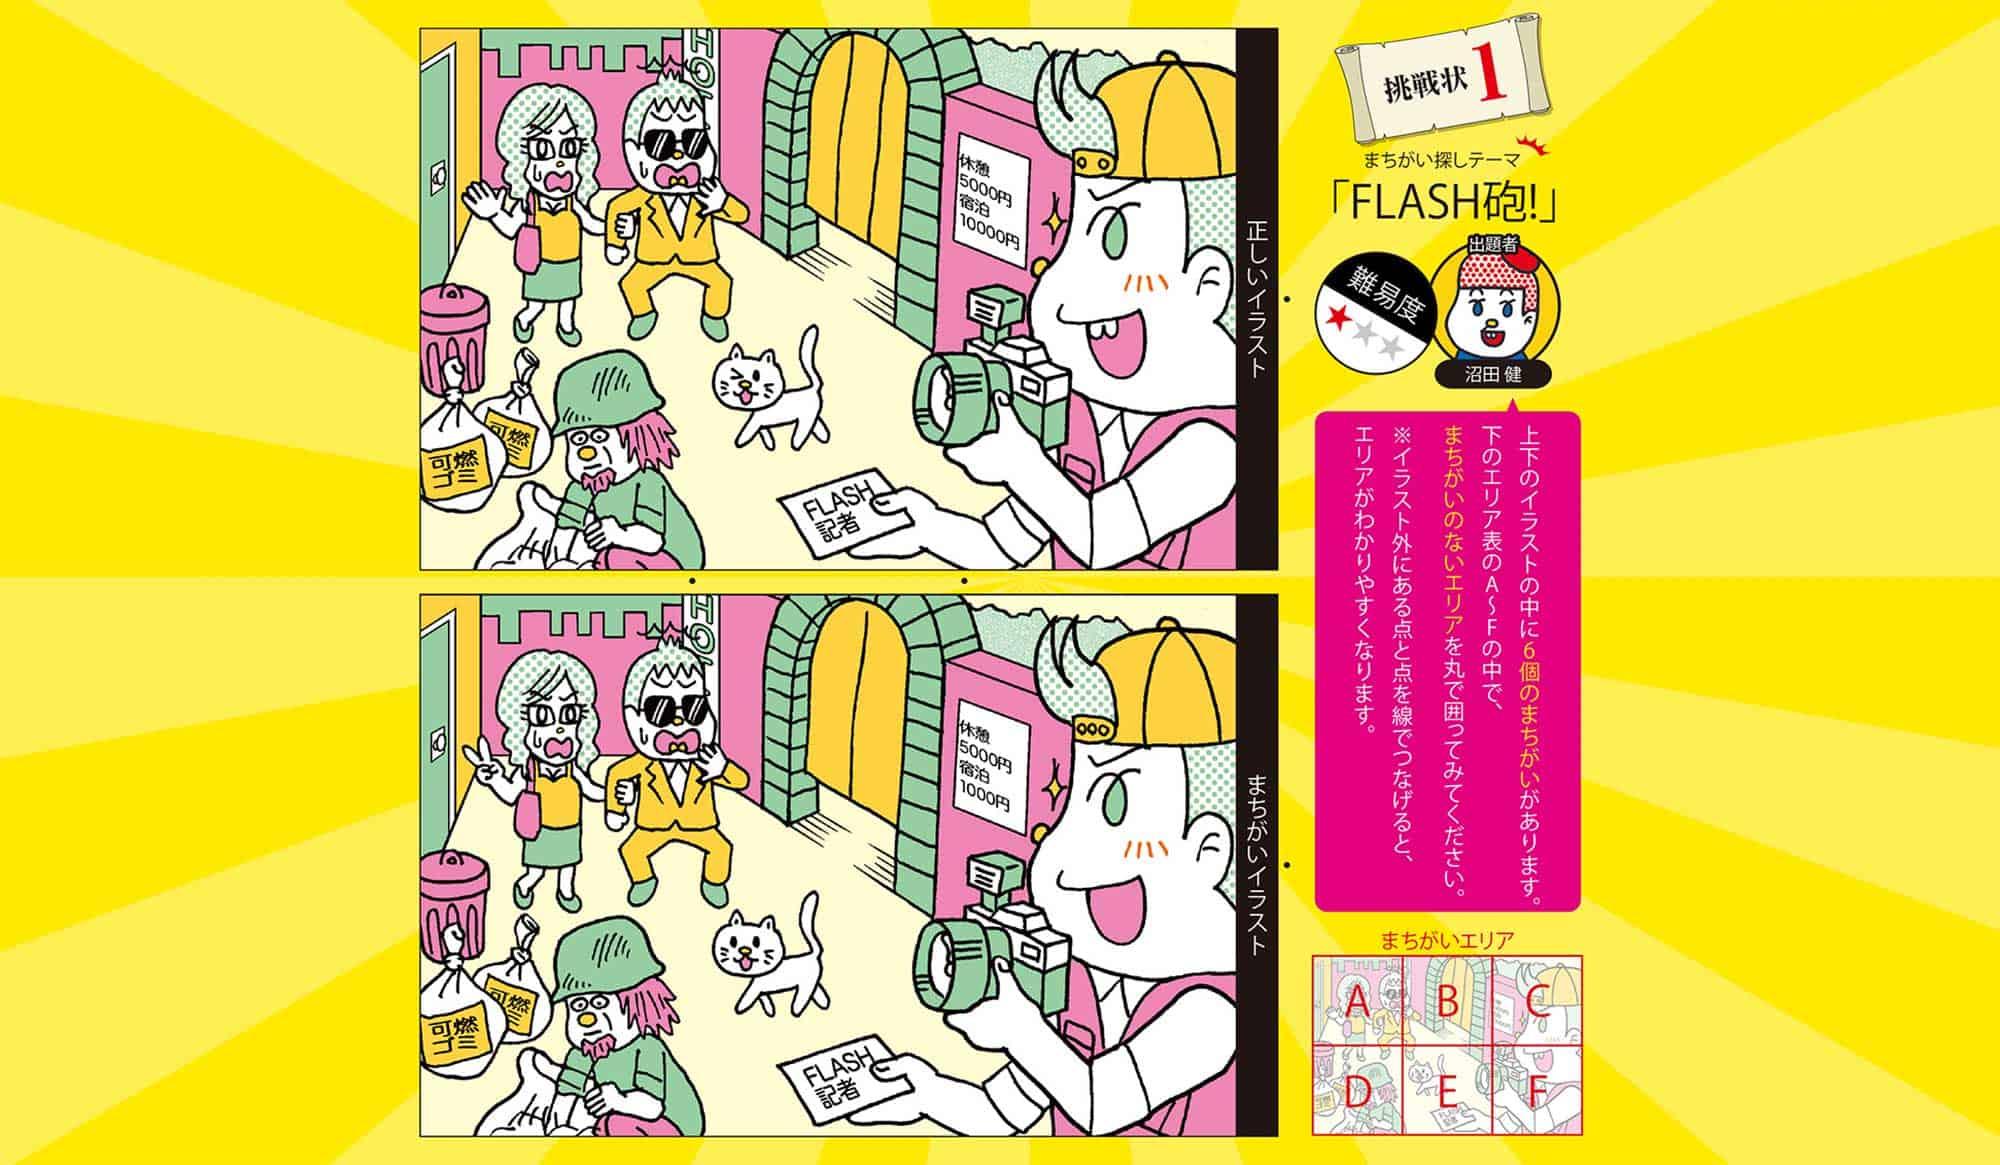 「懸賞パズルきぶん」vol.2刊行記念!パズル解いてみよ